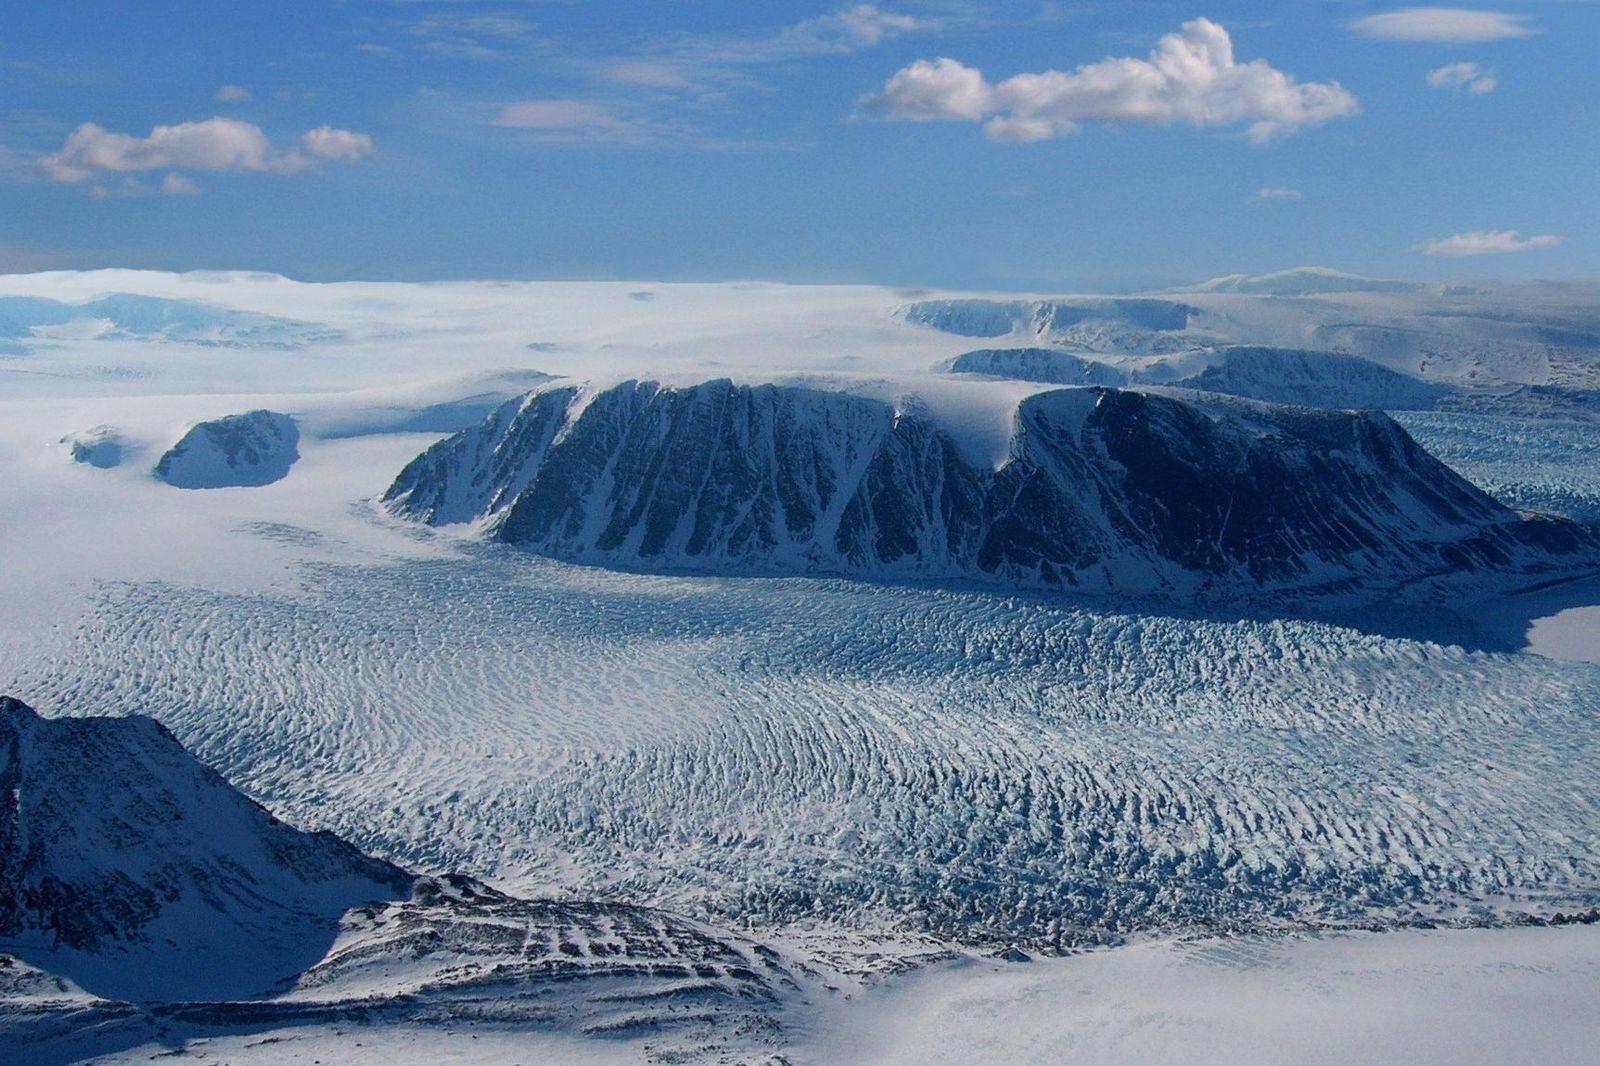 архипелаг новая земля п.северный фото